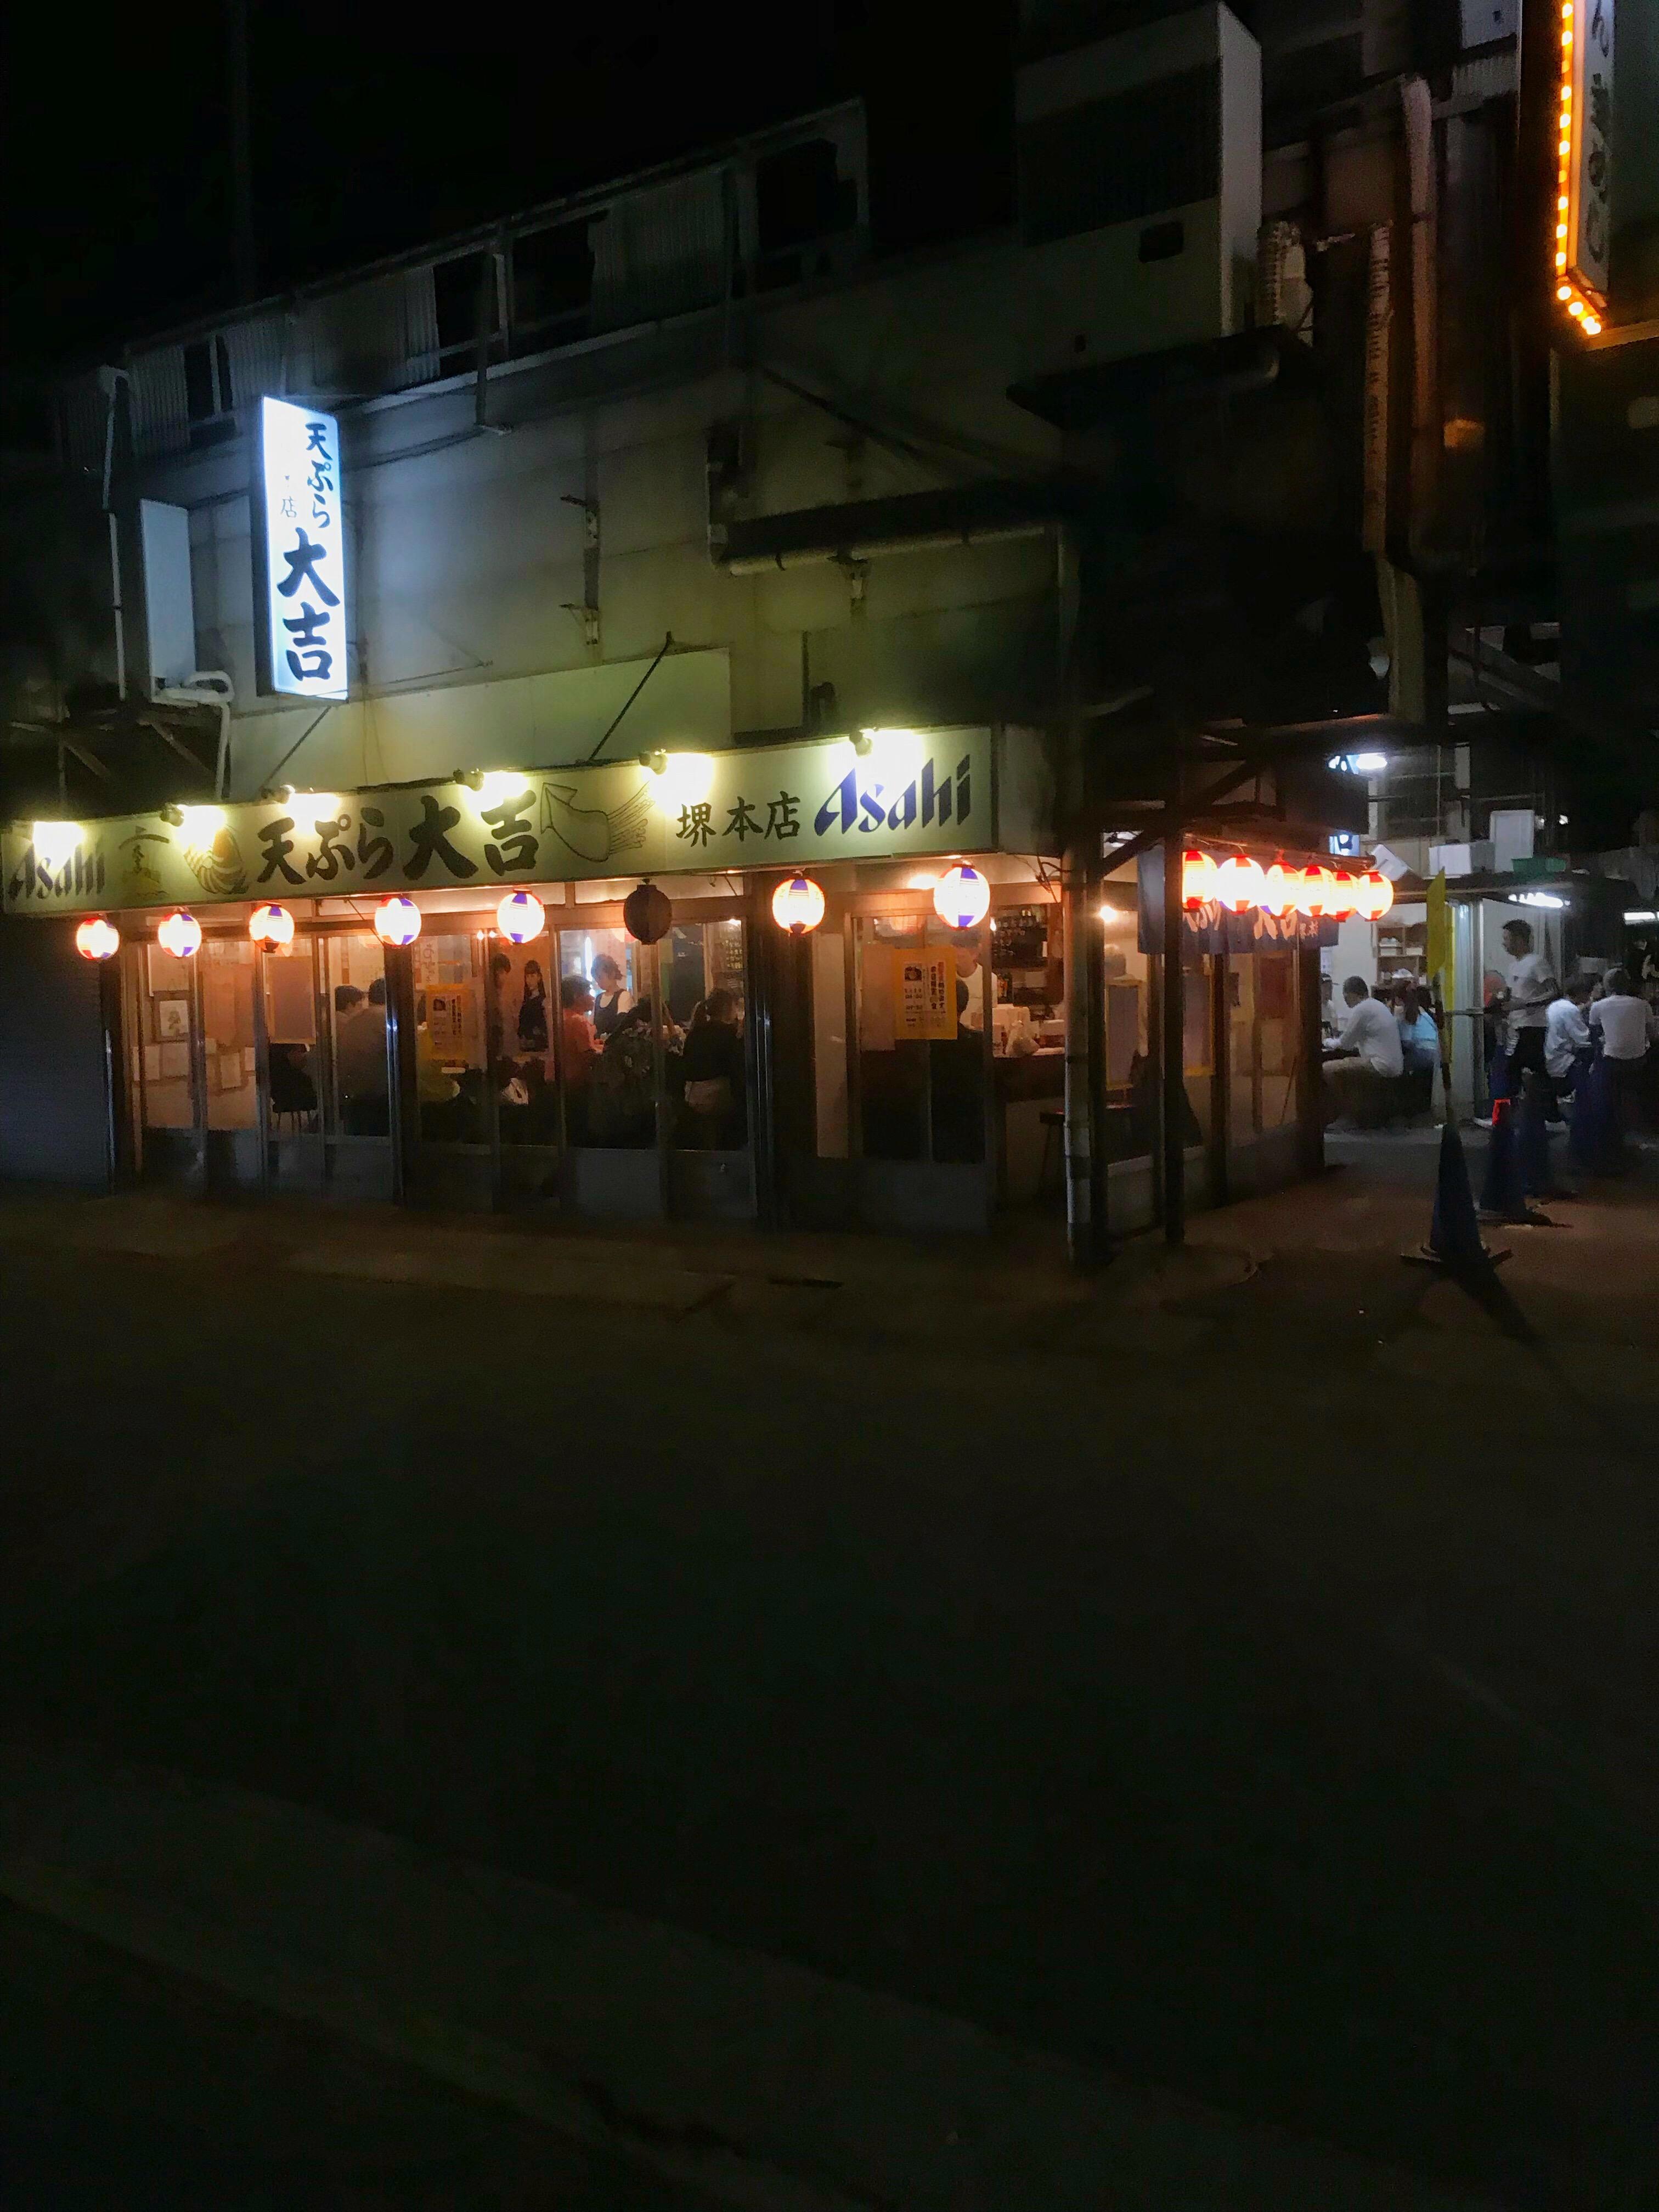 大阪、堺市にある行列のできる天ぷら屋。天ぷら大吉の外観の写真。